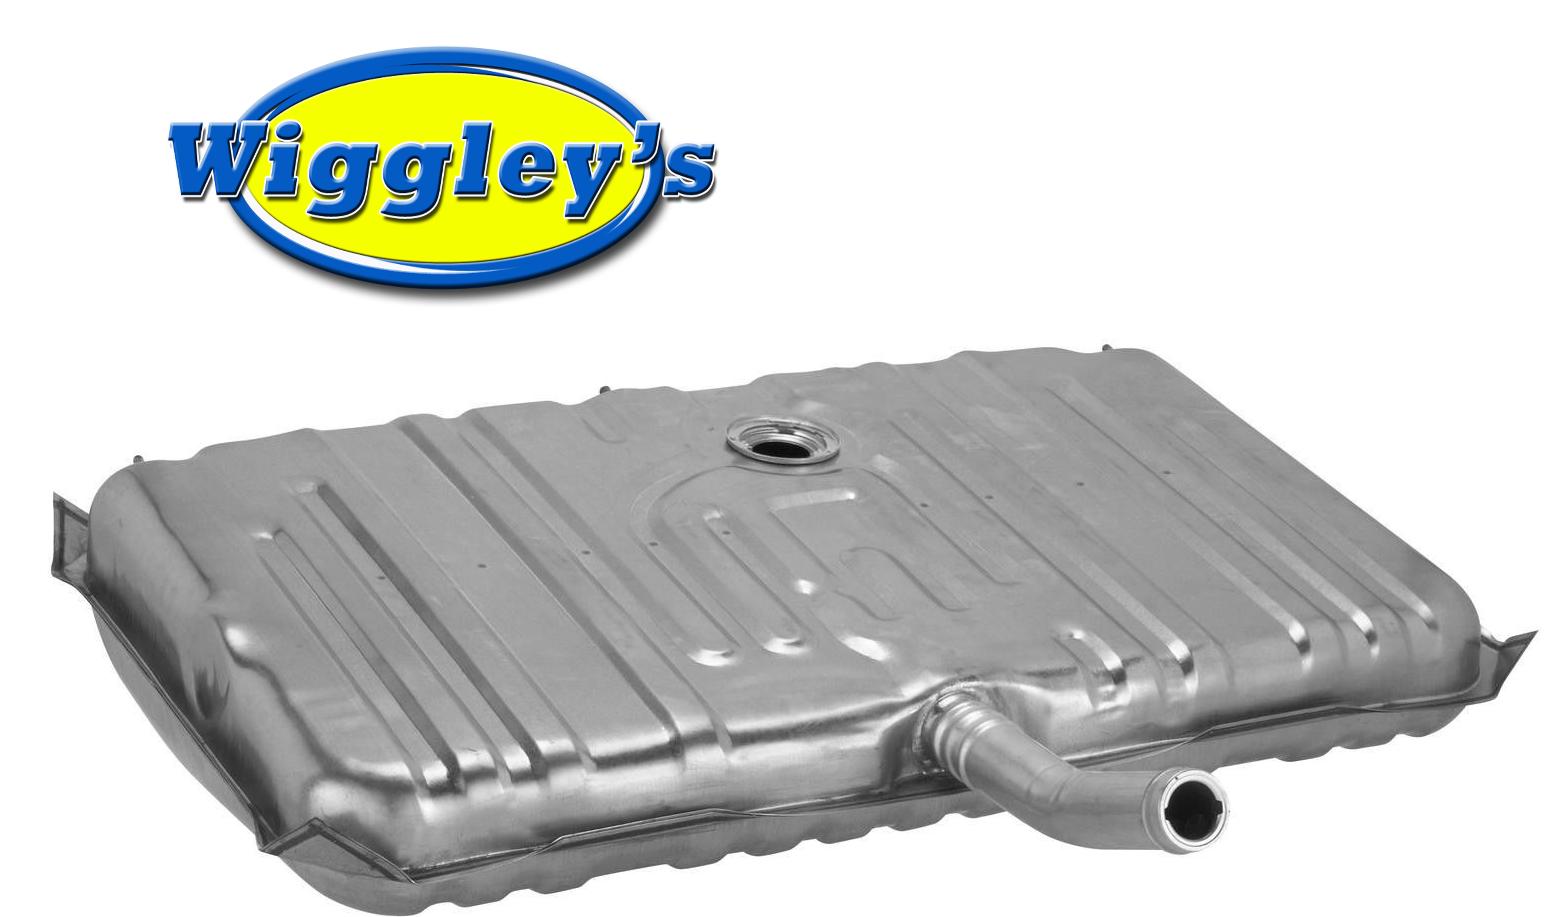 STAINLESS STEEL TANK IGM34G-SS FOR 70 CHEVROLET CHEVELLE 6.6L-V8 W/FILLER NECK